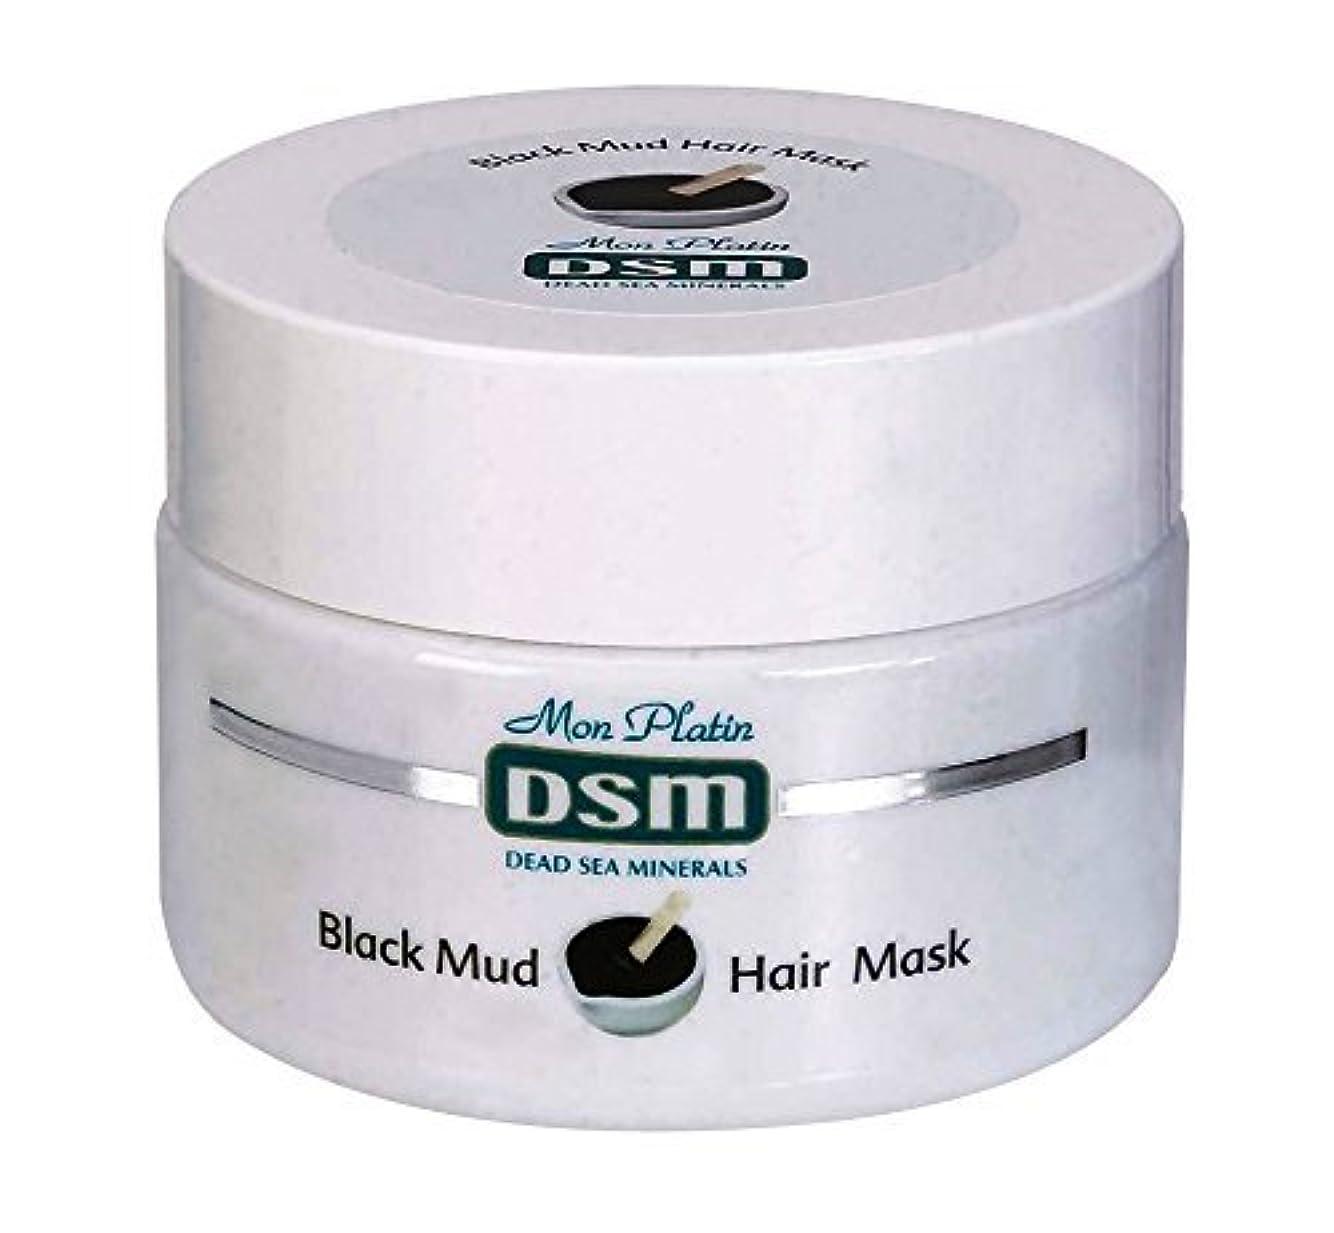 裁定メイエラトランジスタ頭皮と髪のための髪の泥マスク 250mL 死海ミネラル 天然 お手入れ 美容 イスラエル 全皮膚タイプ ビタミン (Mud Hair Mask  for Scalp & Hair)